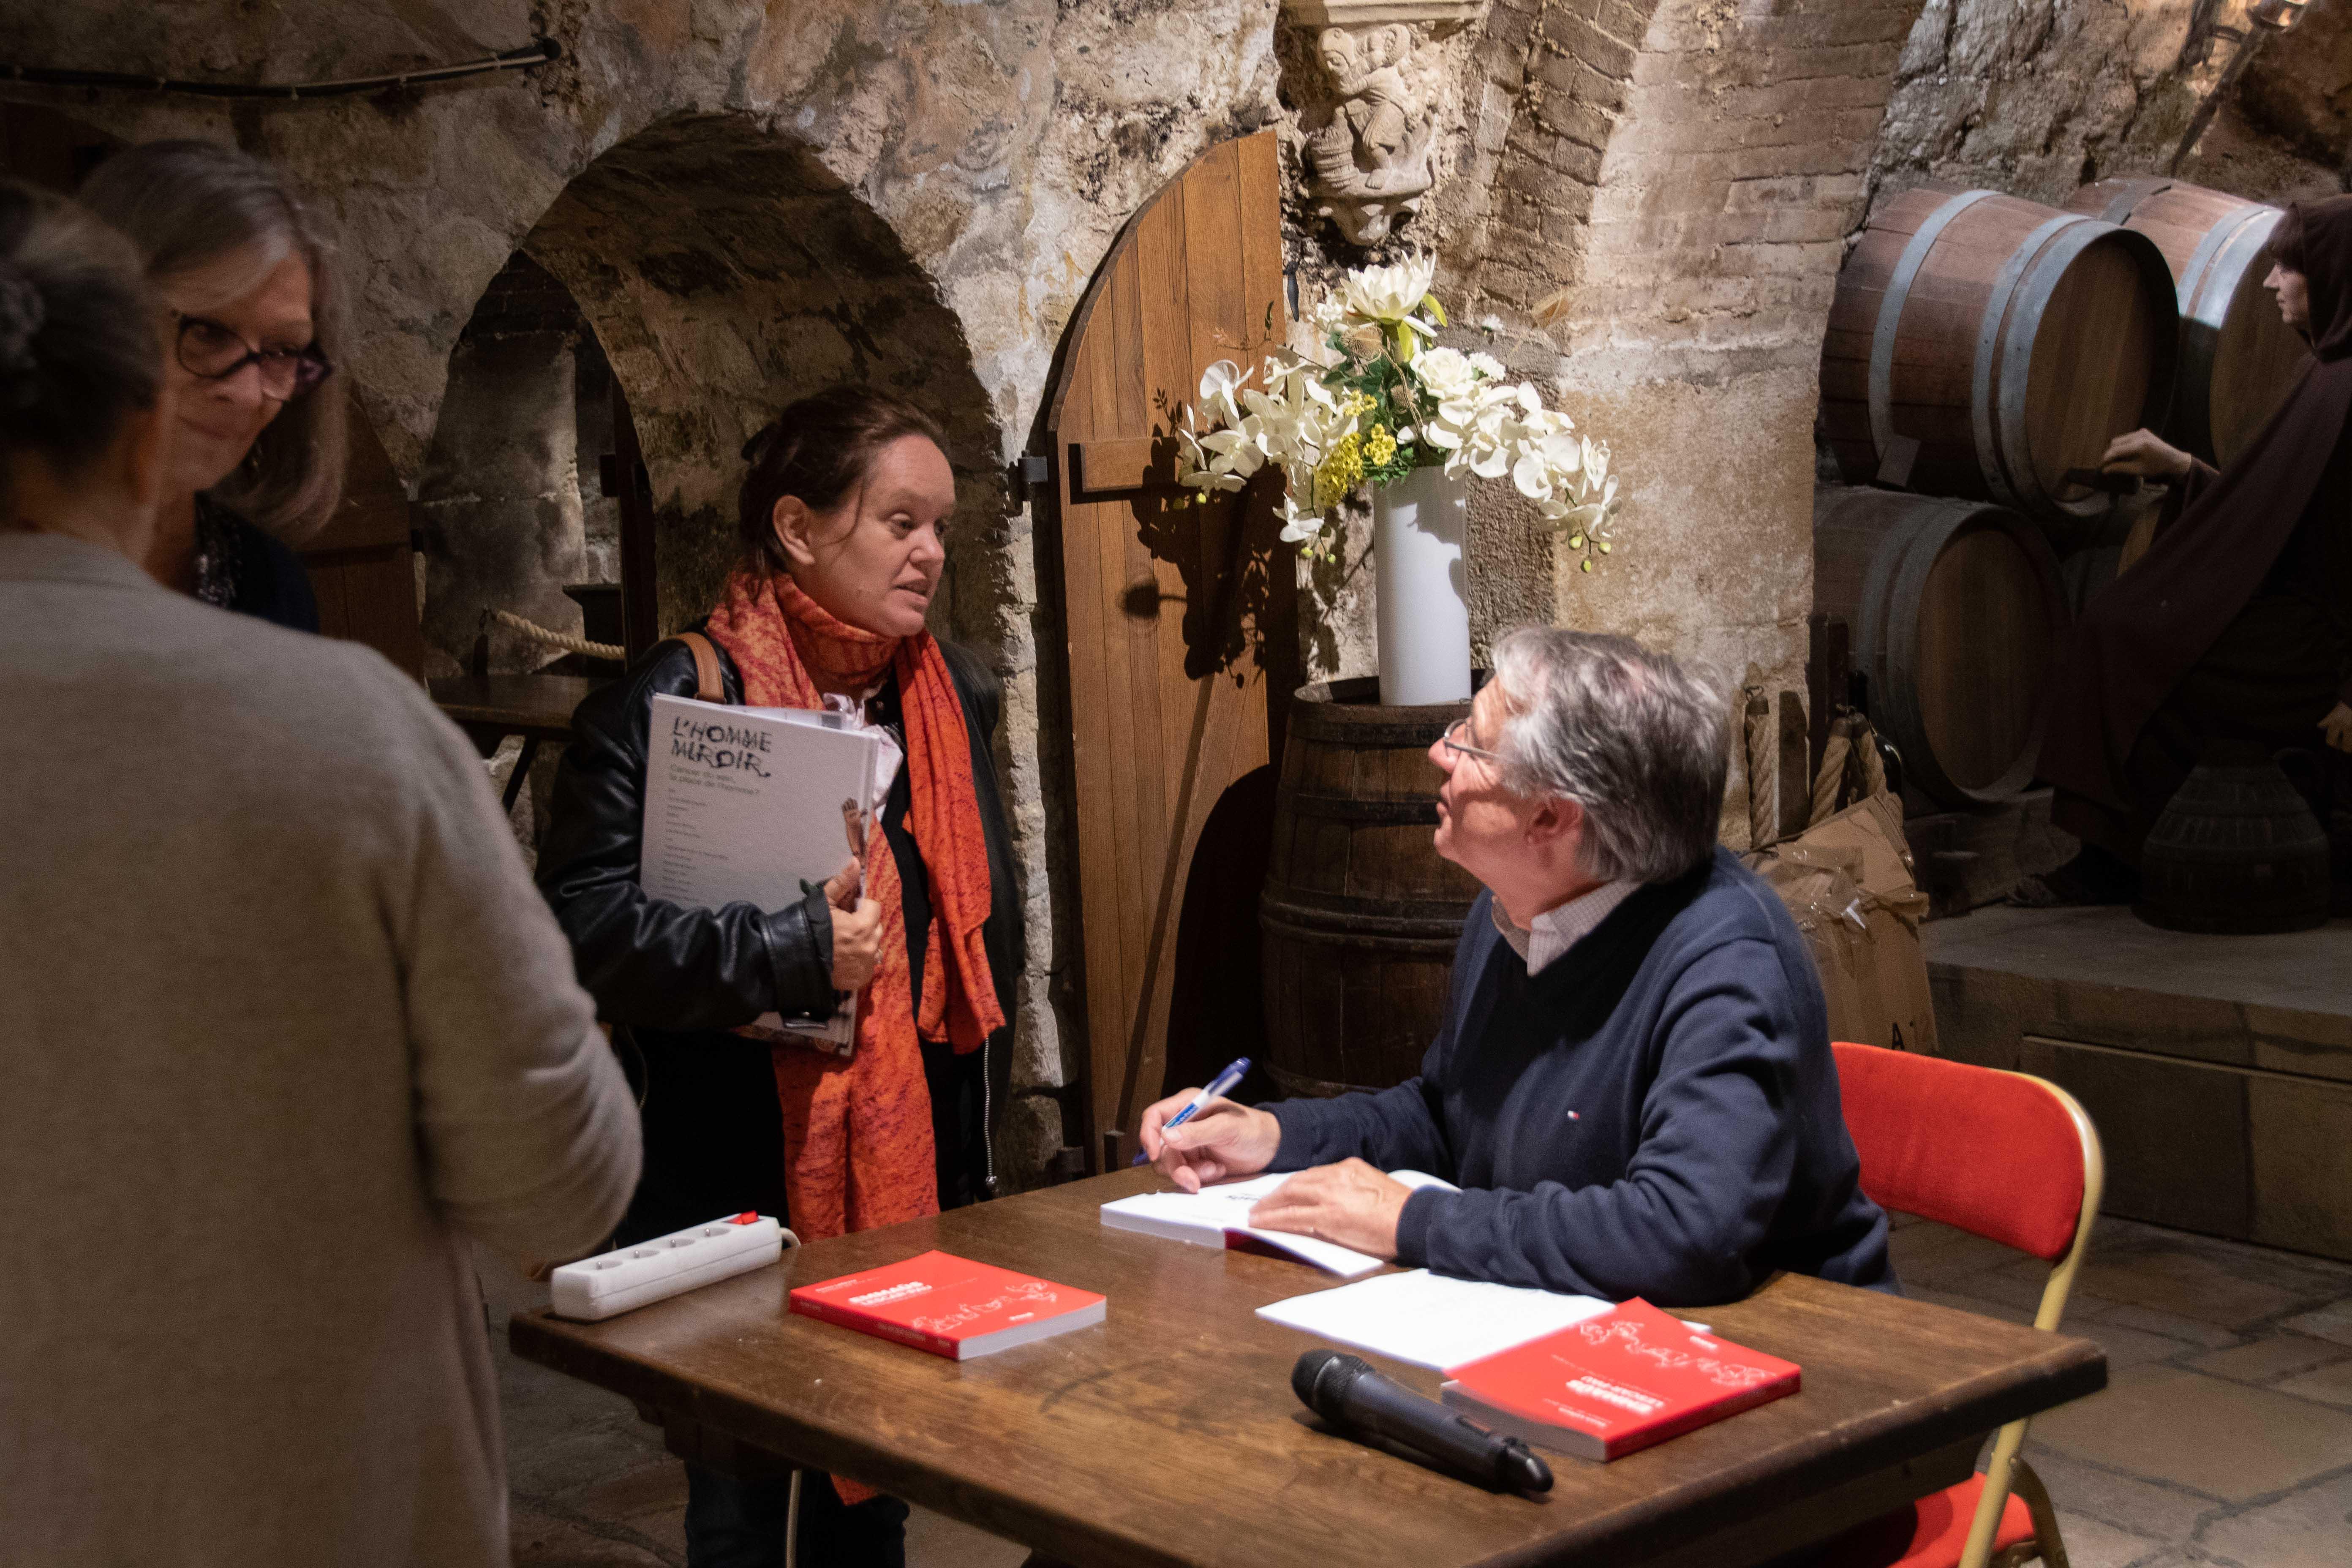 Denis Lefèvre a pris le temps de parler avec chaque personne - Photo Catherine Cros -